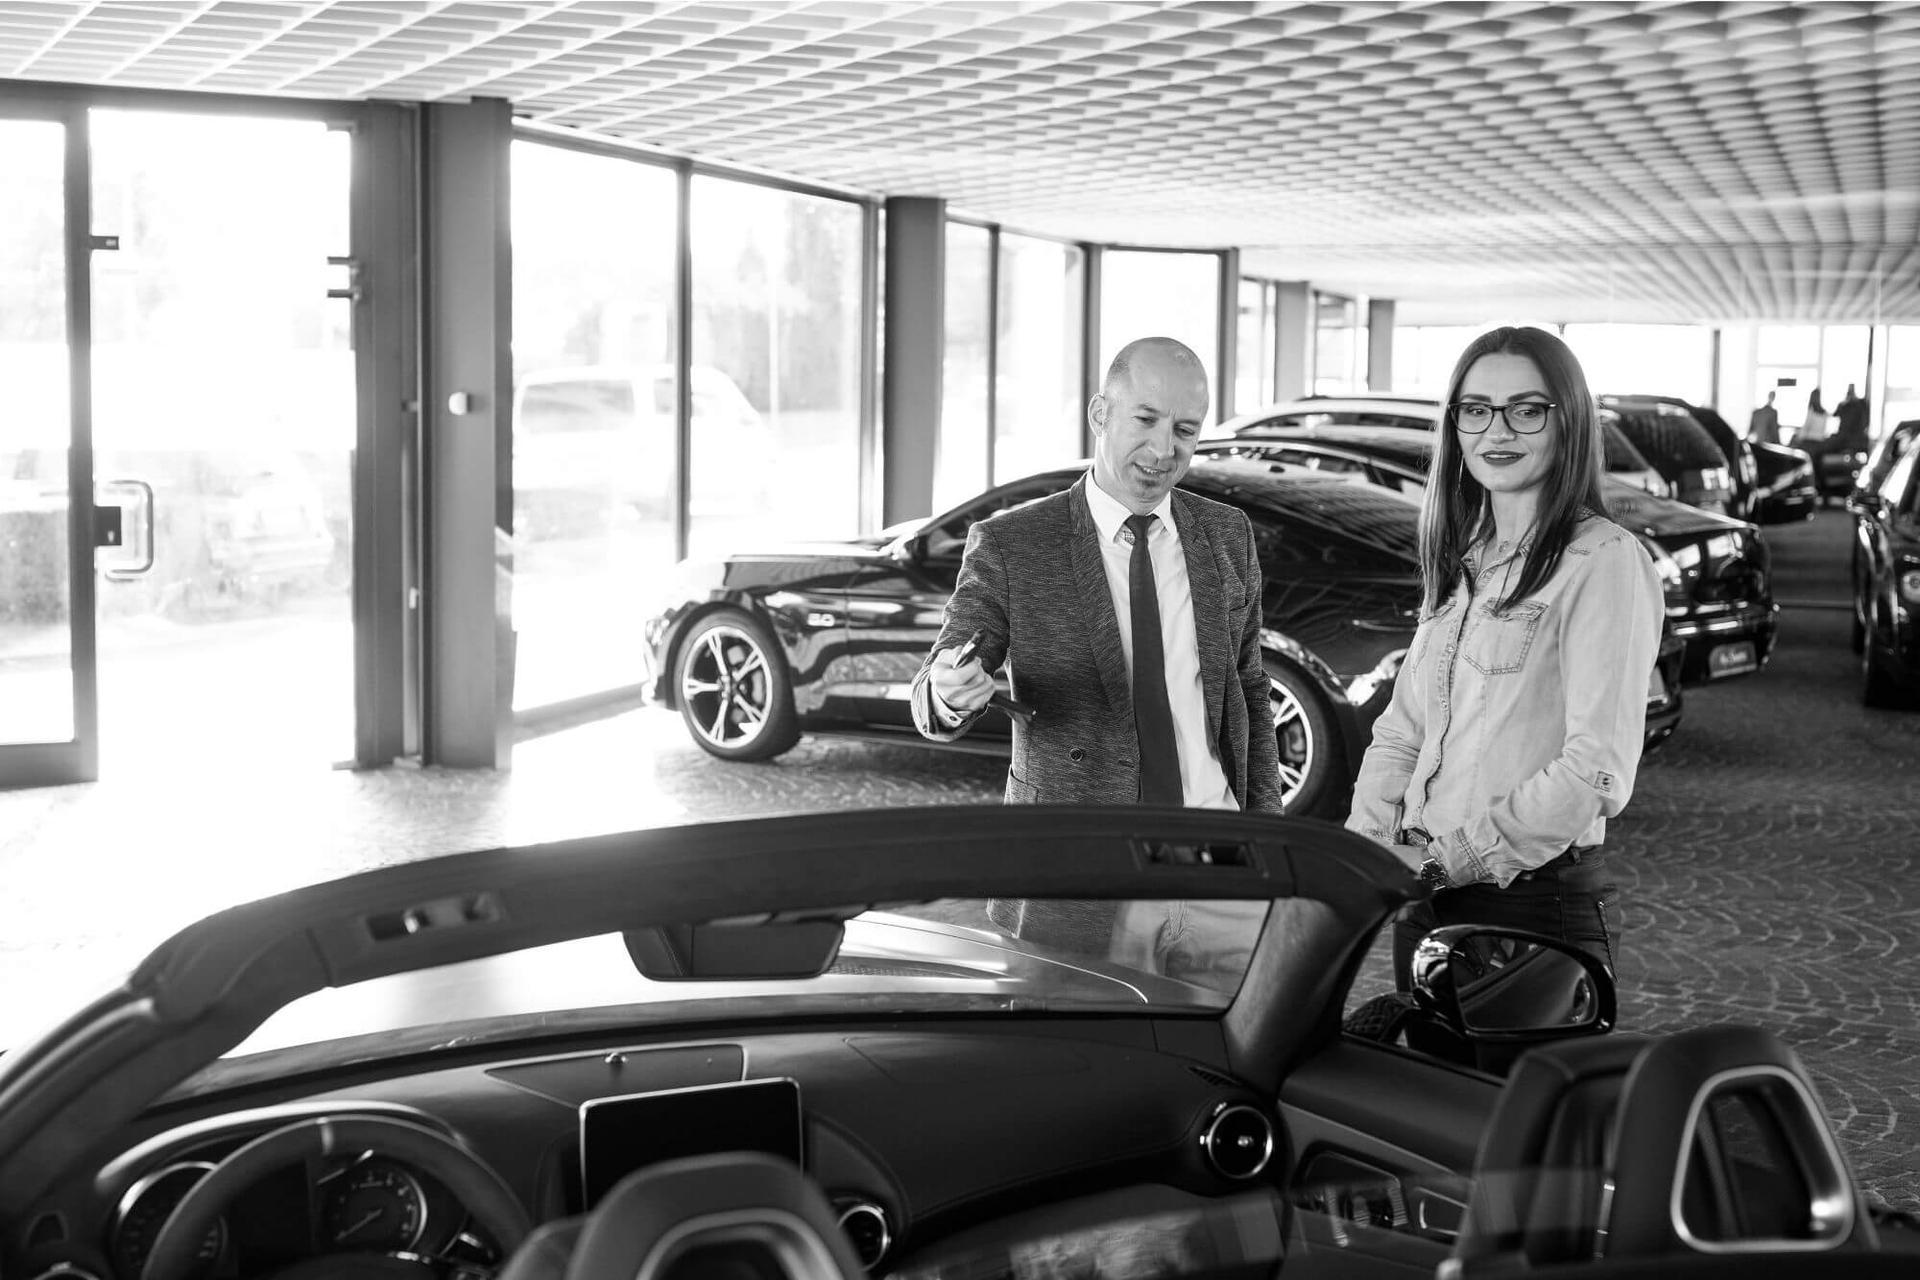 Murr Car Center Wir verkaufen seit über 15 Jahren erfolgreich Neu-, Jahres- und Gebrauchtwagen namhafter Hersteller